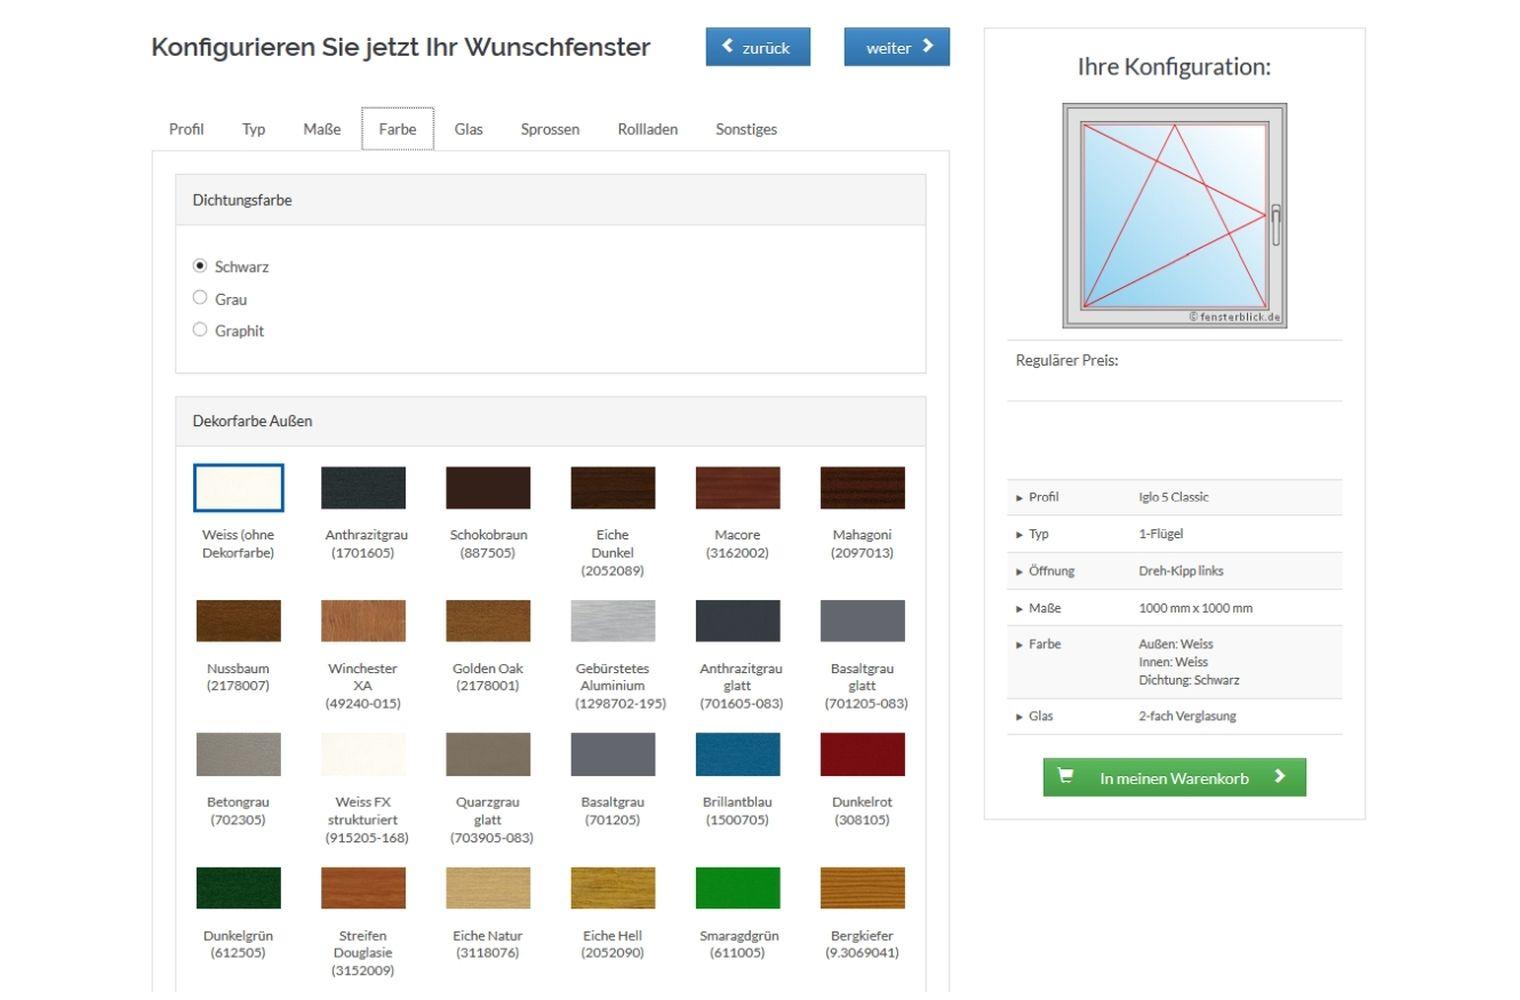 Fensterkonfigurator polen  Günstige Kunststoffenster | einfach online kaufen - fensterblick.de